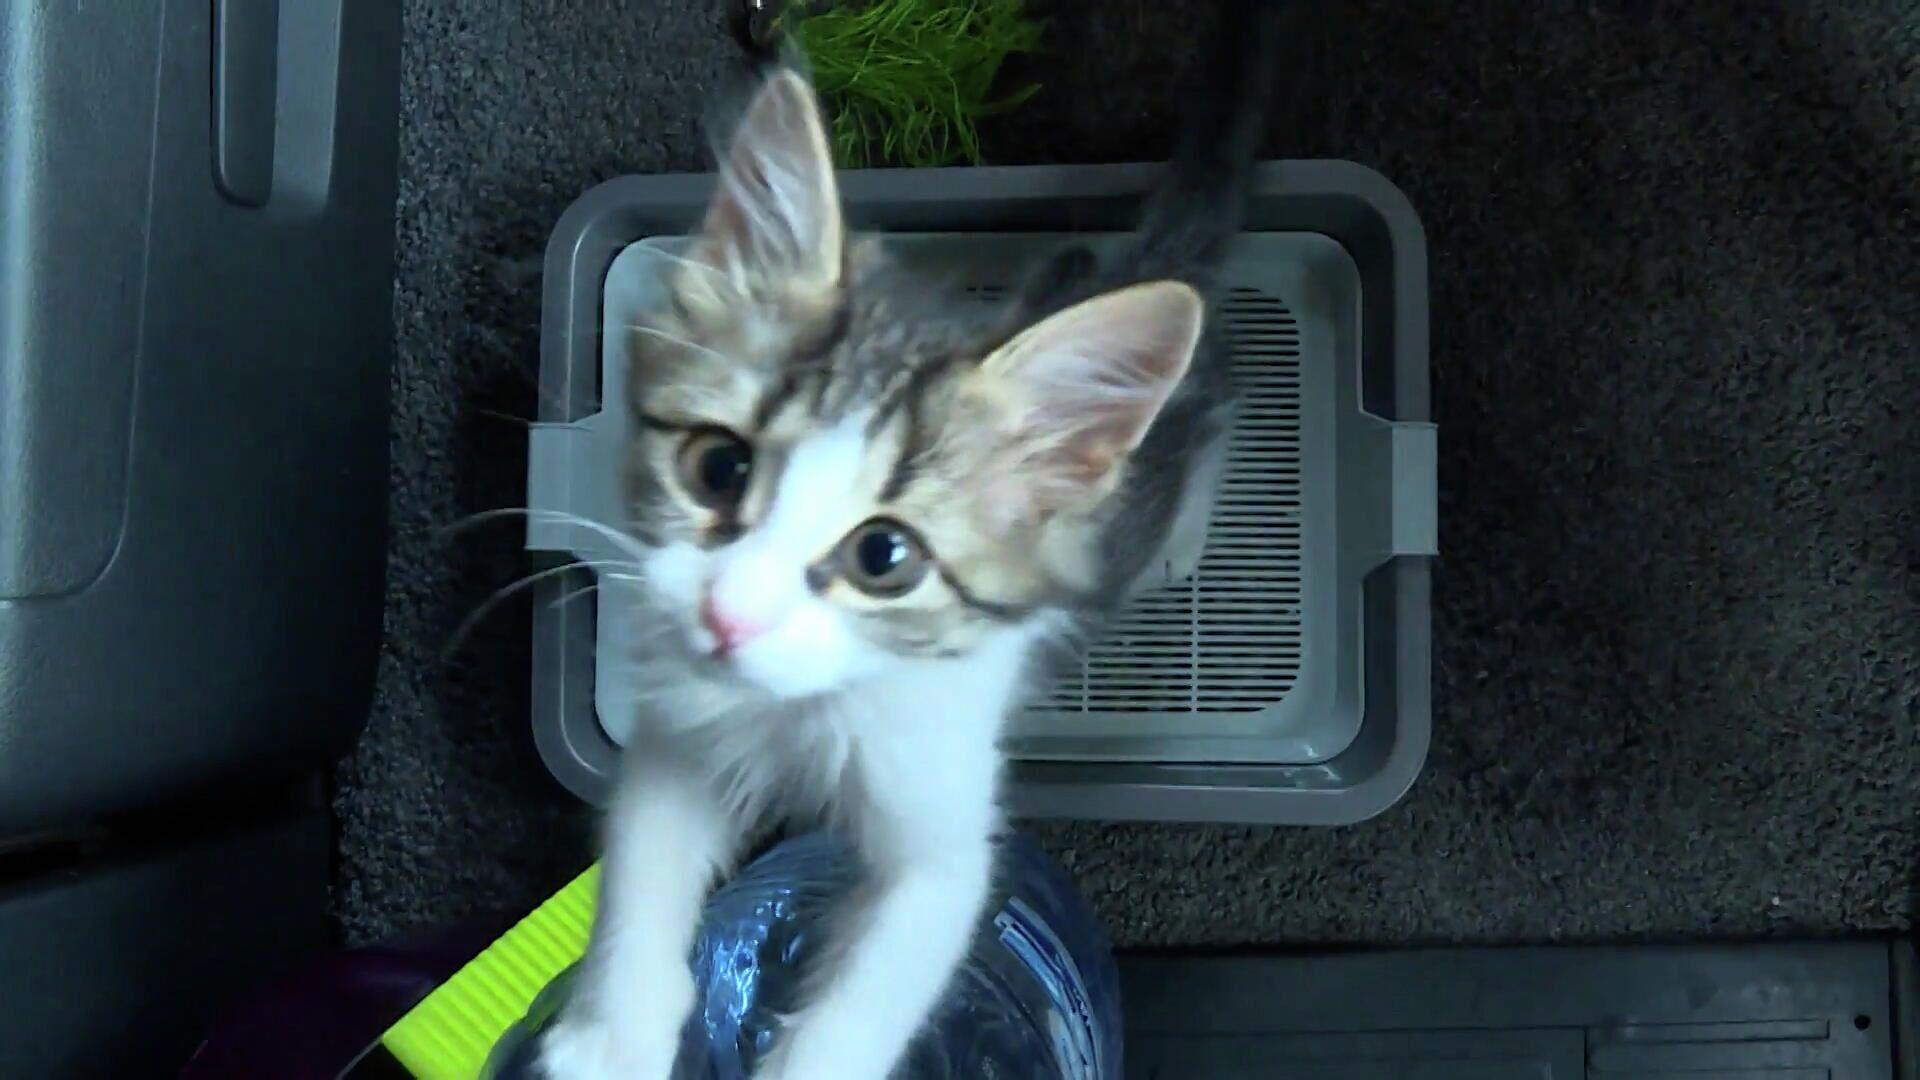 Ο πιο γλυκός συνταξιδιώτης: Οδηγός νταλίκας έσωσε αβοήθητο γατάκι και το πήρε μαζί του - Sputnik Ελλάδα, 1920, 30.09.2021